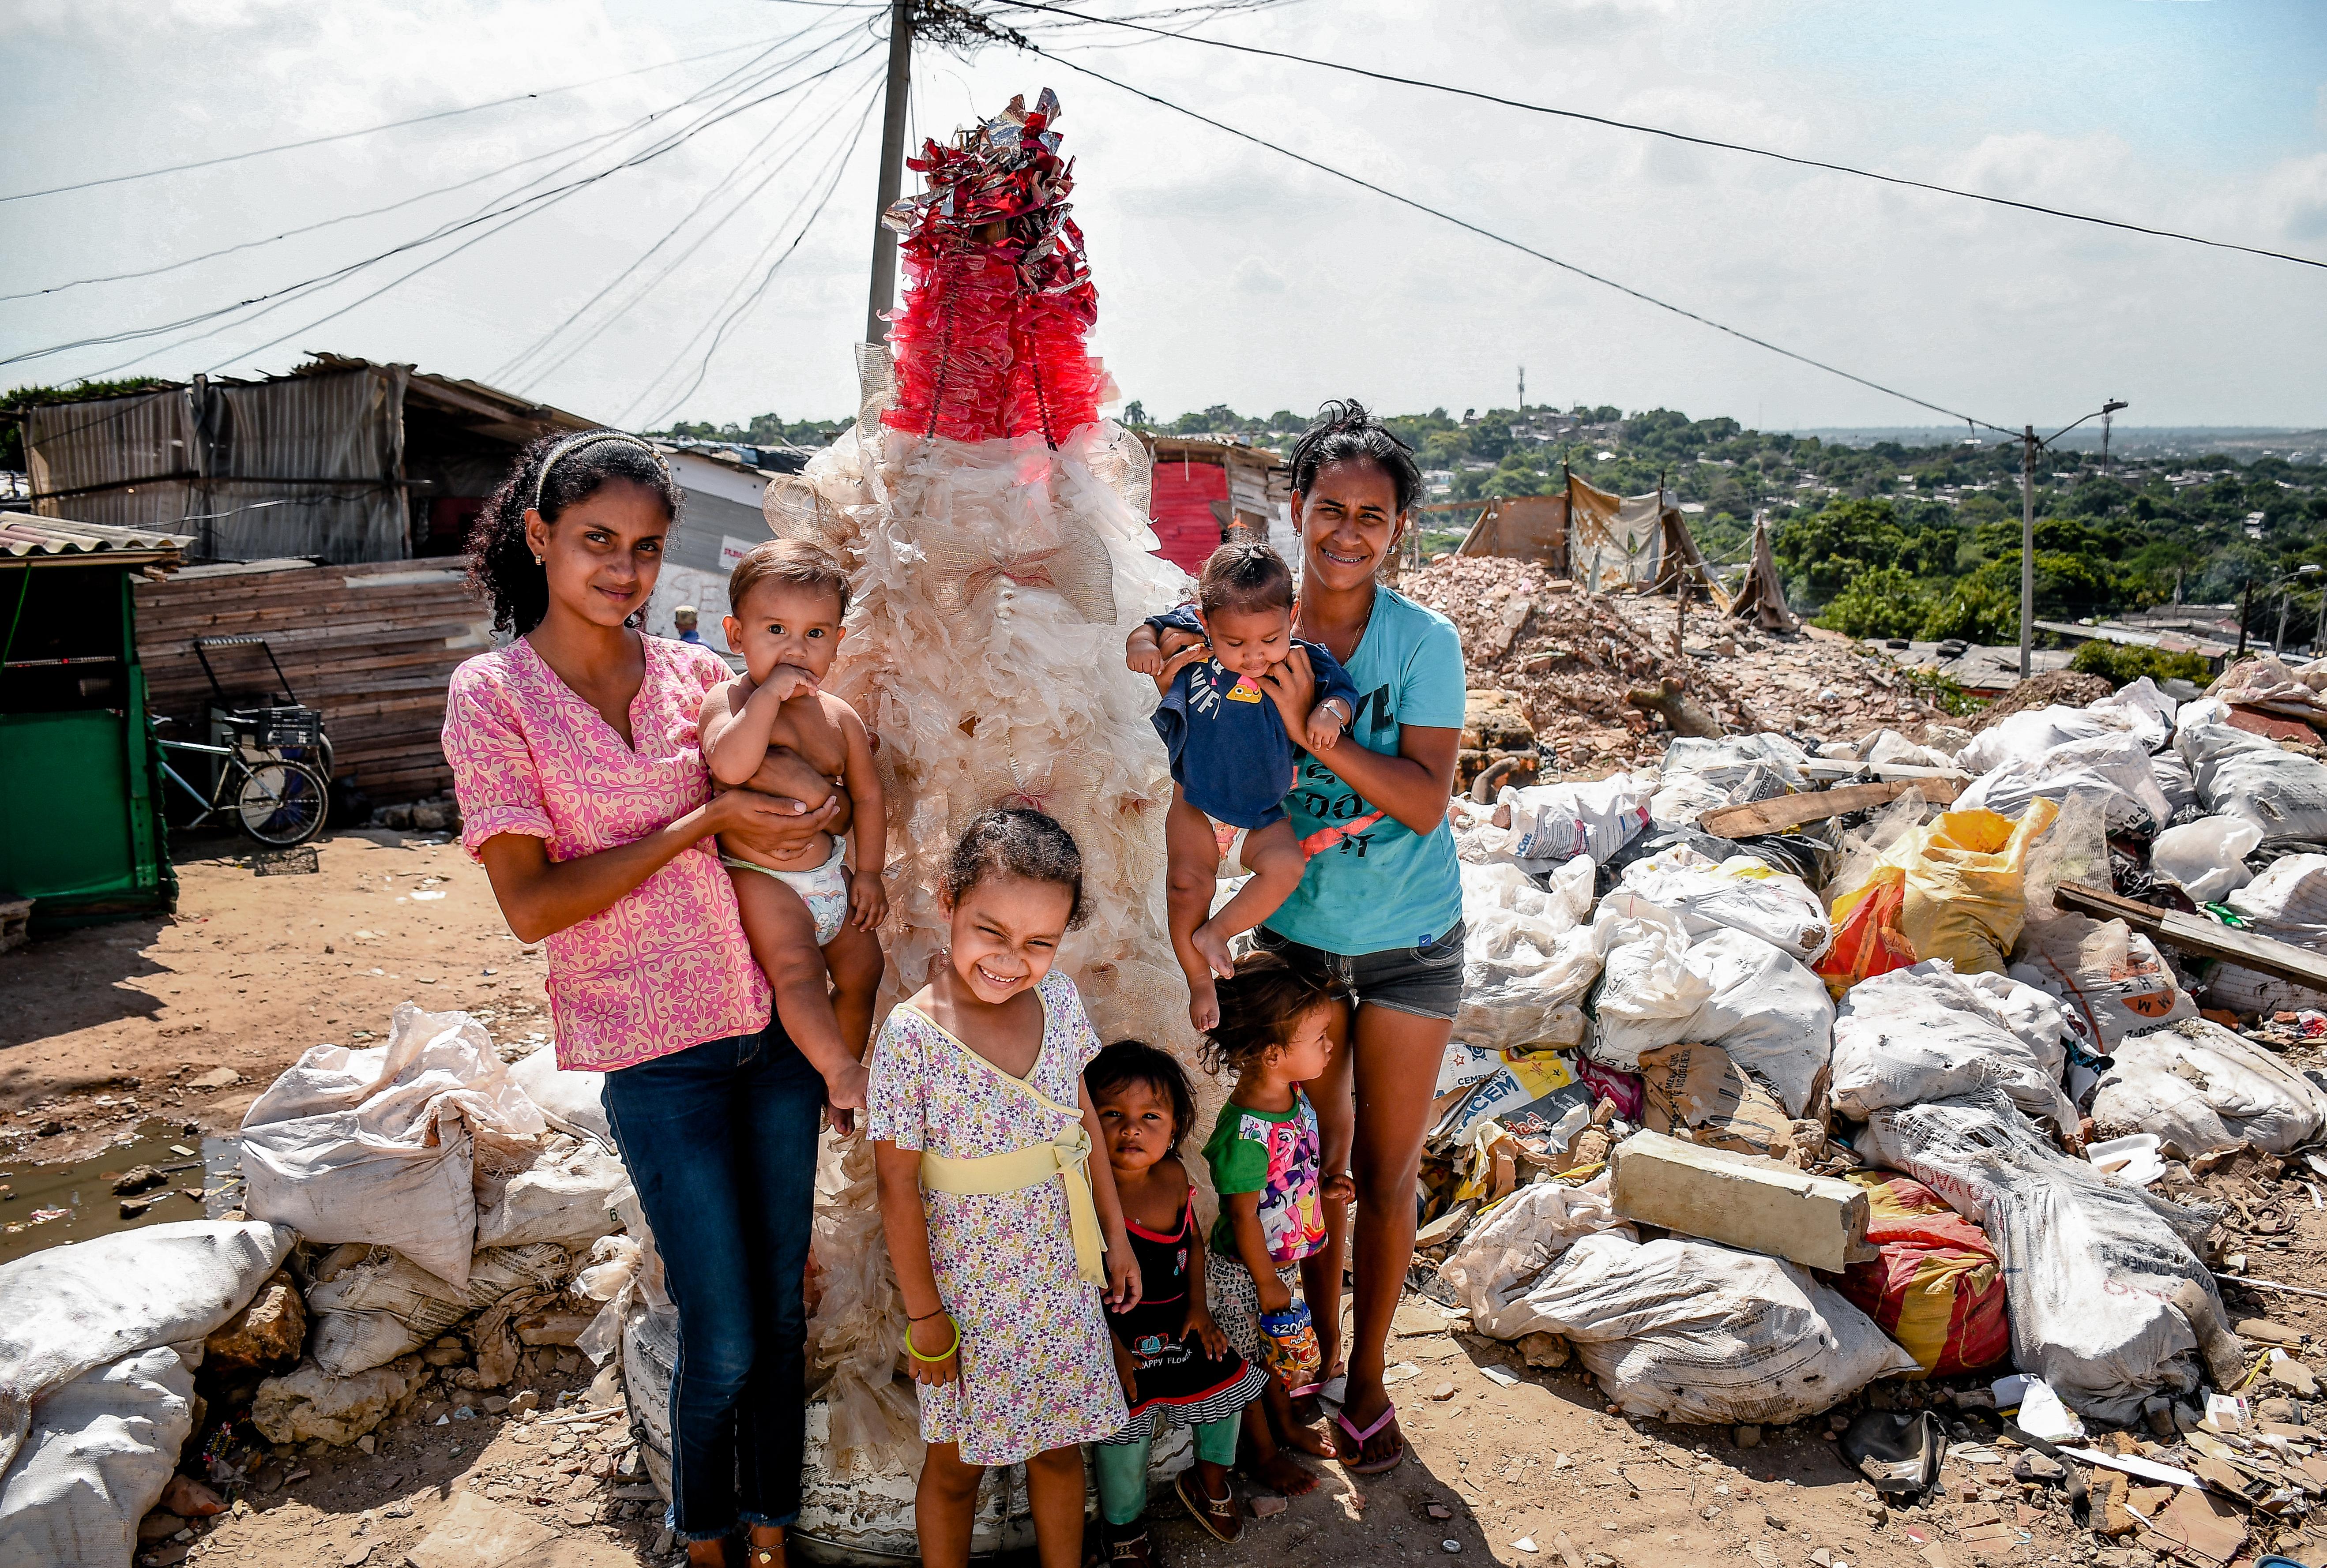 Dos mujeres, junto a sus hijas, posan junto al árbol de bolsas plásticas y cables, en Villa Caracas.